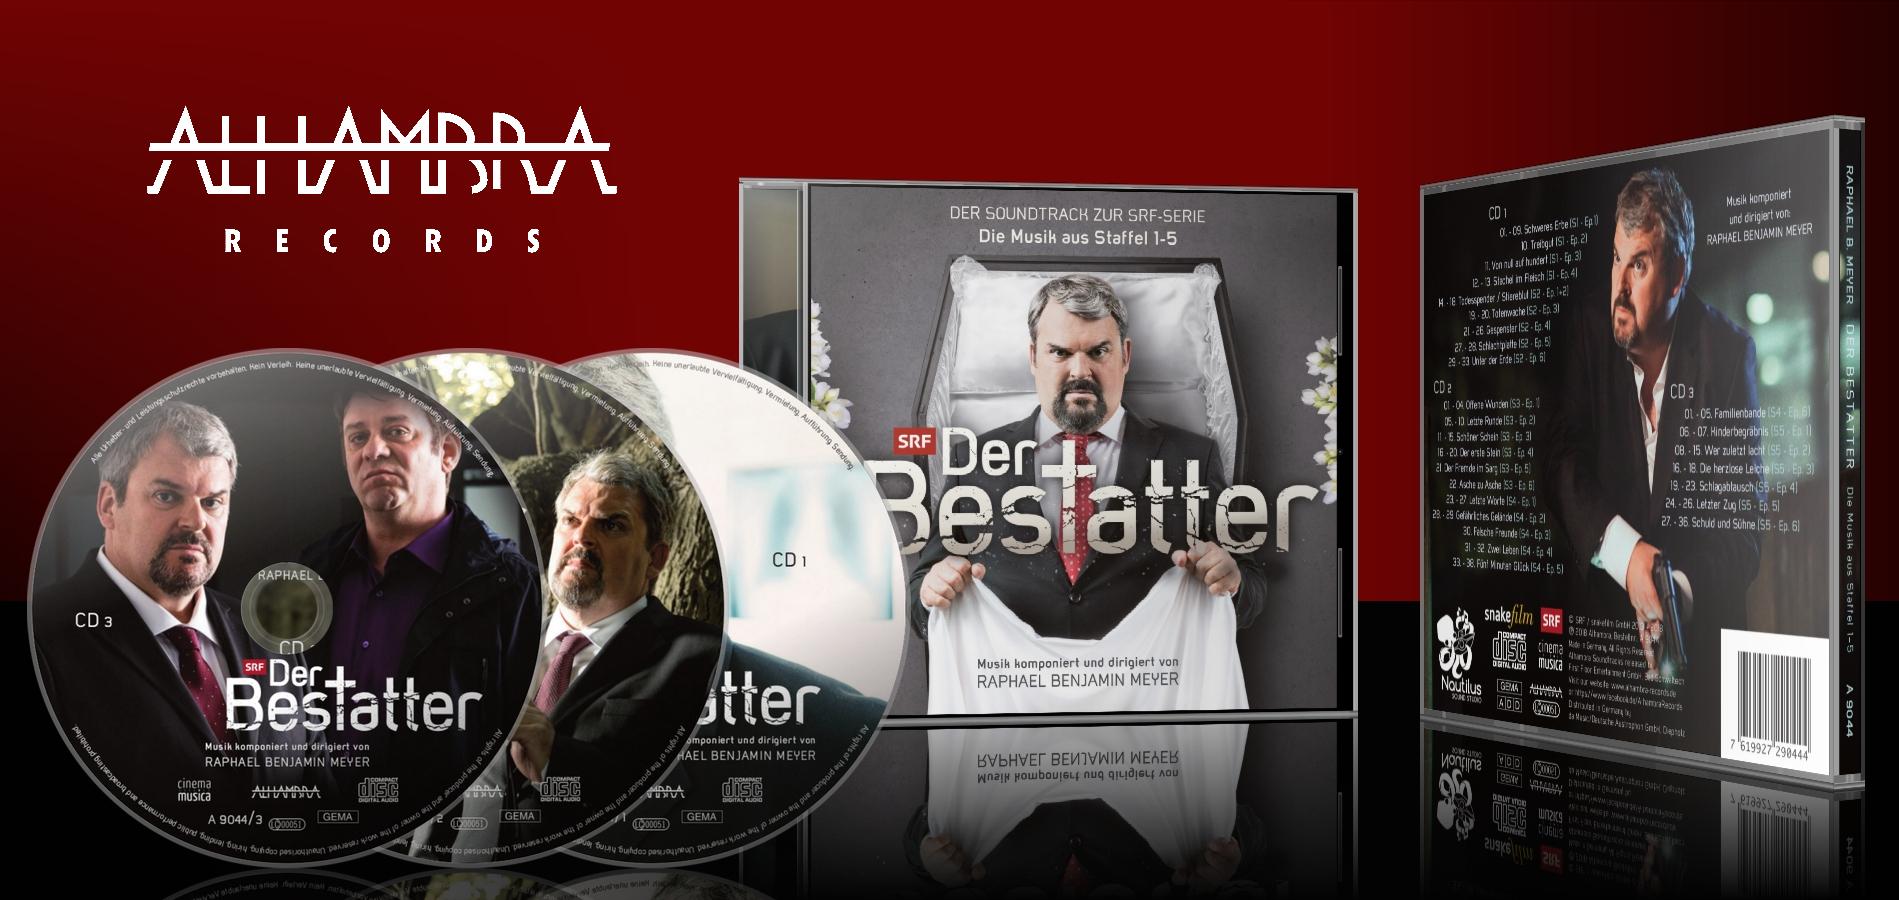 Der Bestatter: Der Soundtrack zur SRF-Serie – Die Musik aus Staffel 1-5